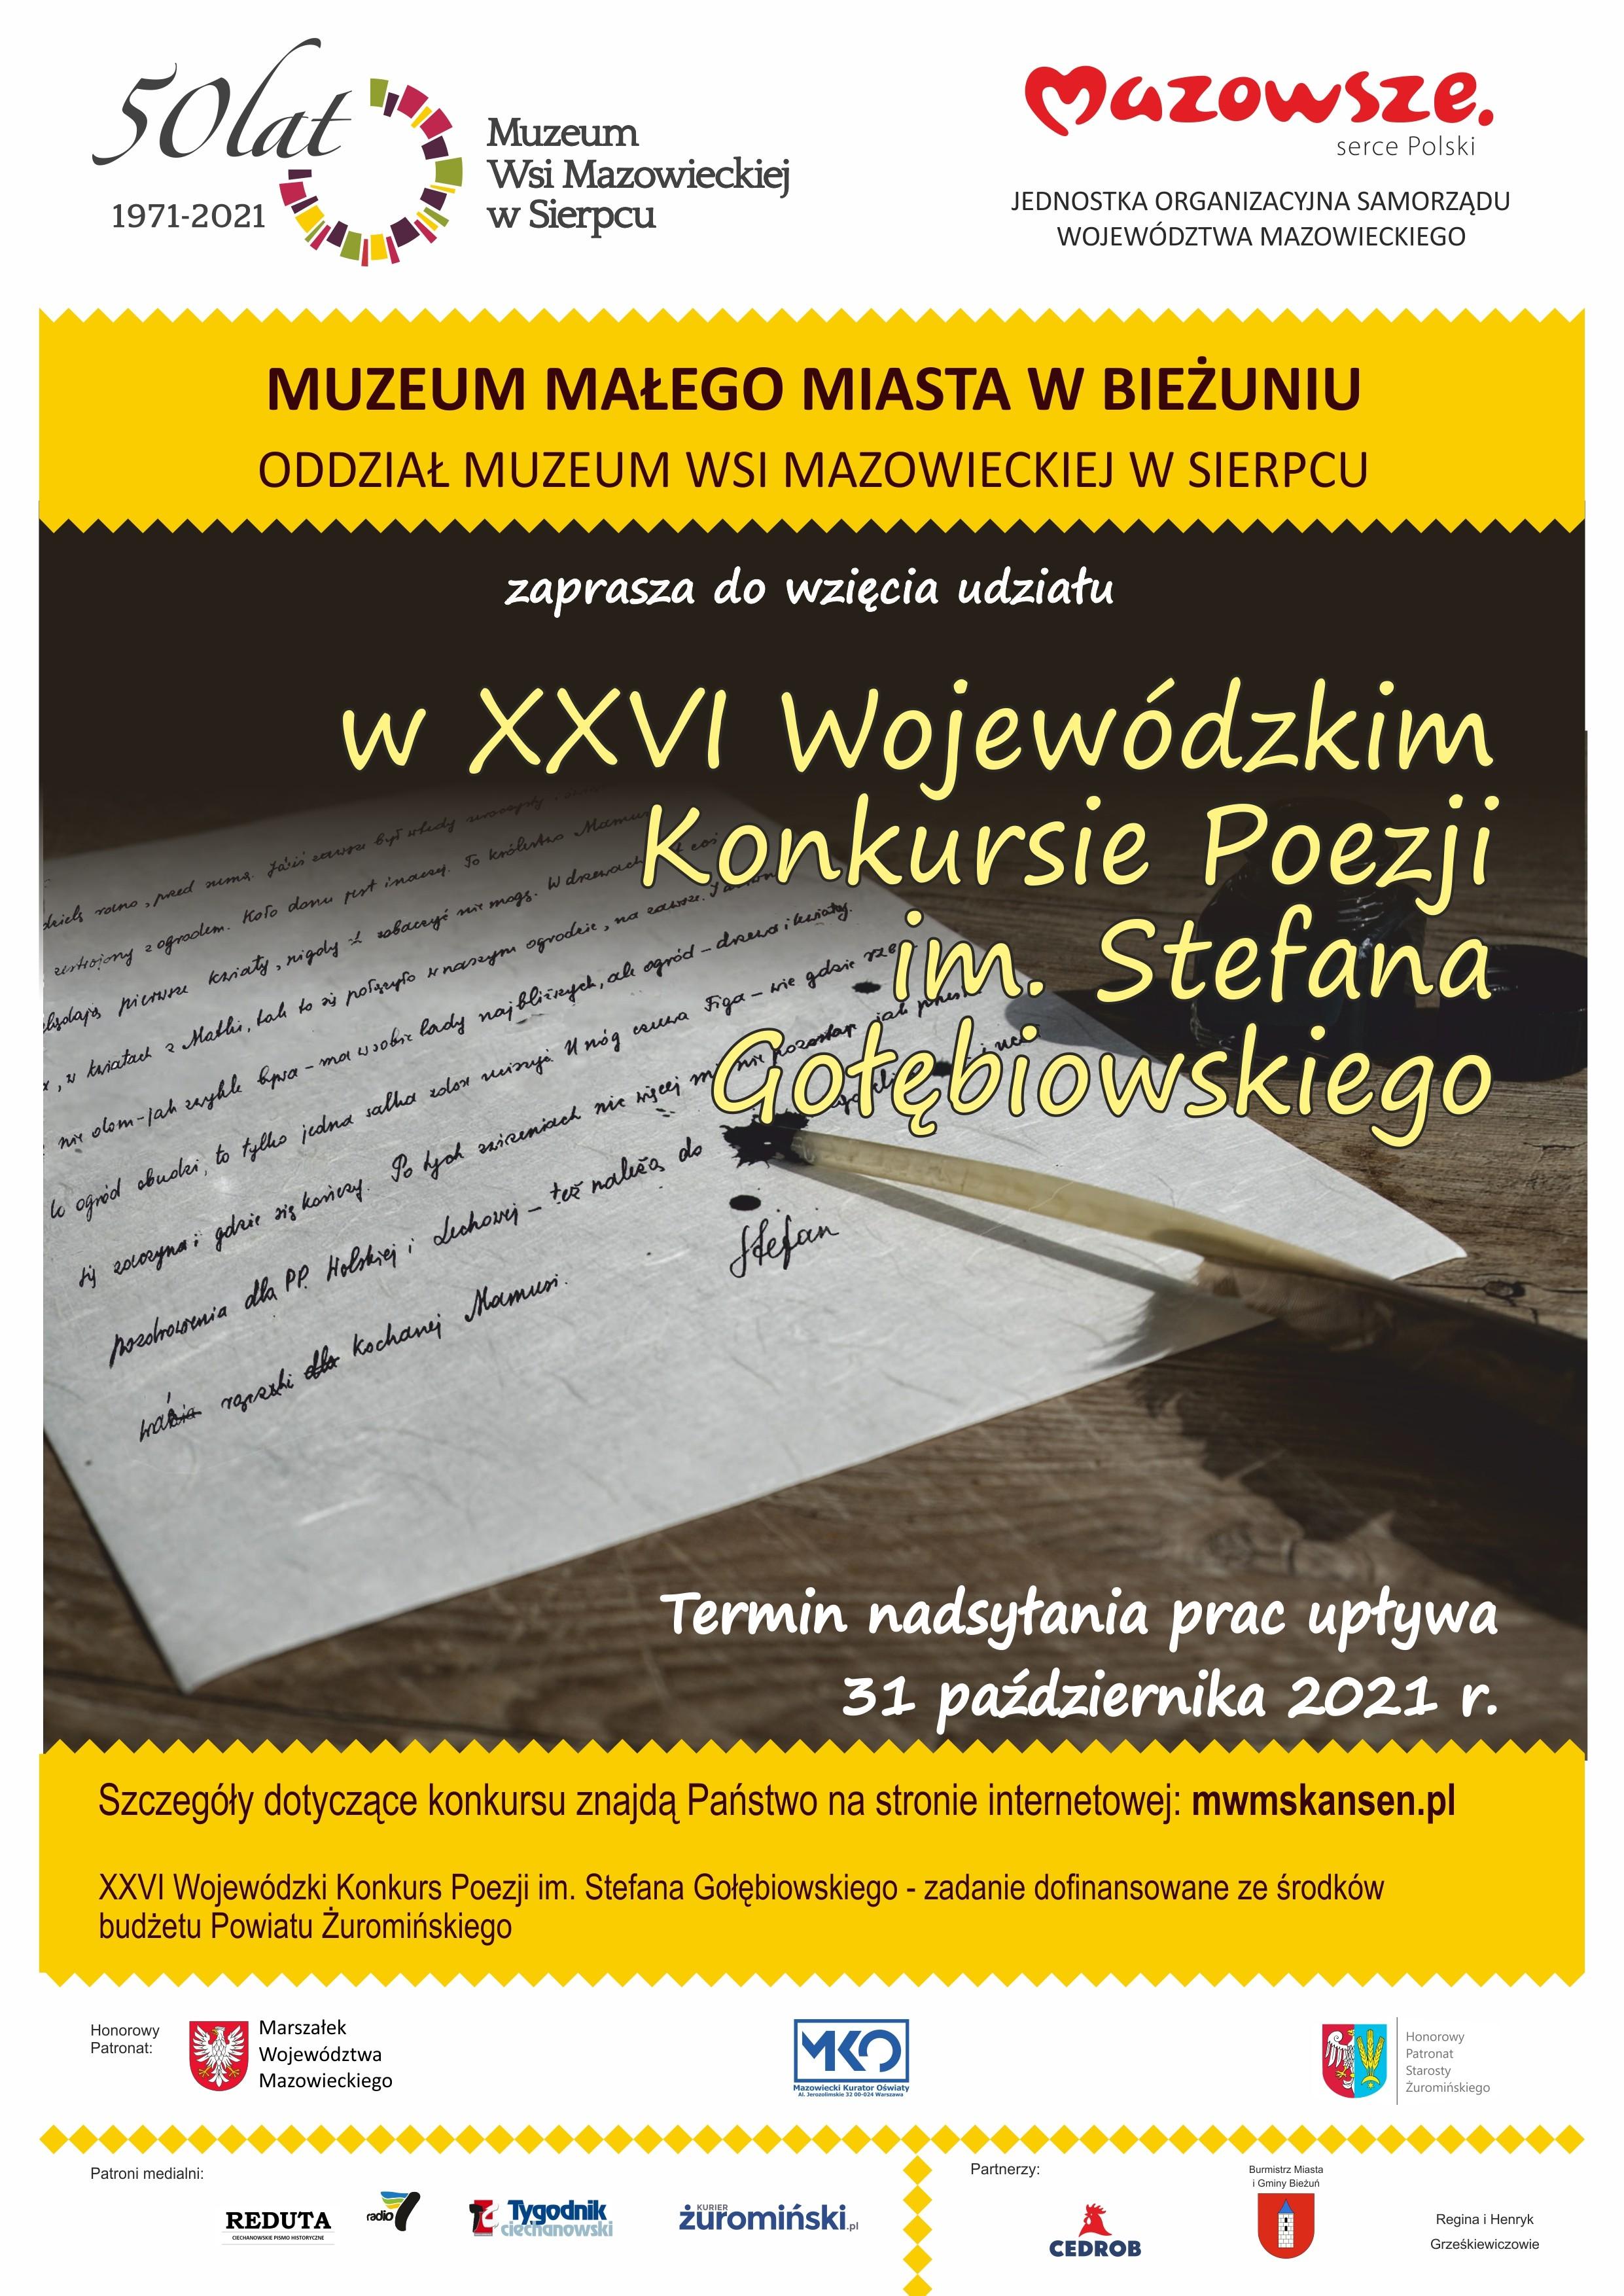 Plakat - informacja - dwudziesty szósty konkurs poezji, termin nadsyłania prac do 31 października 2021